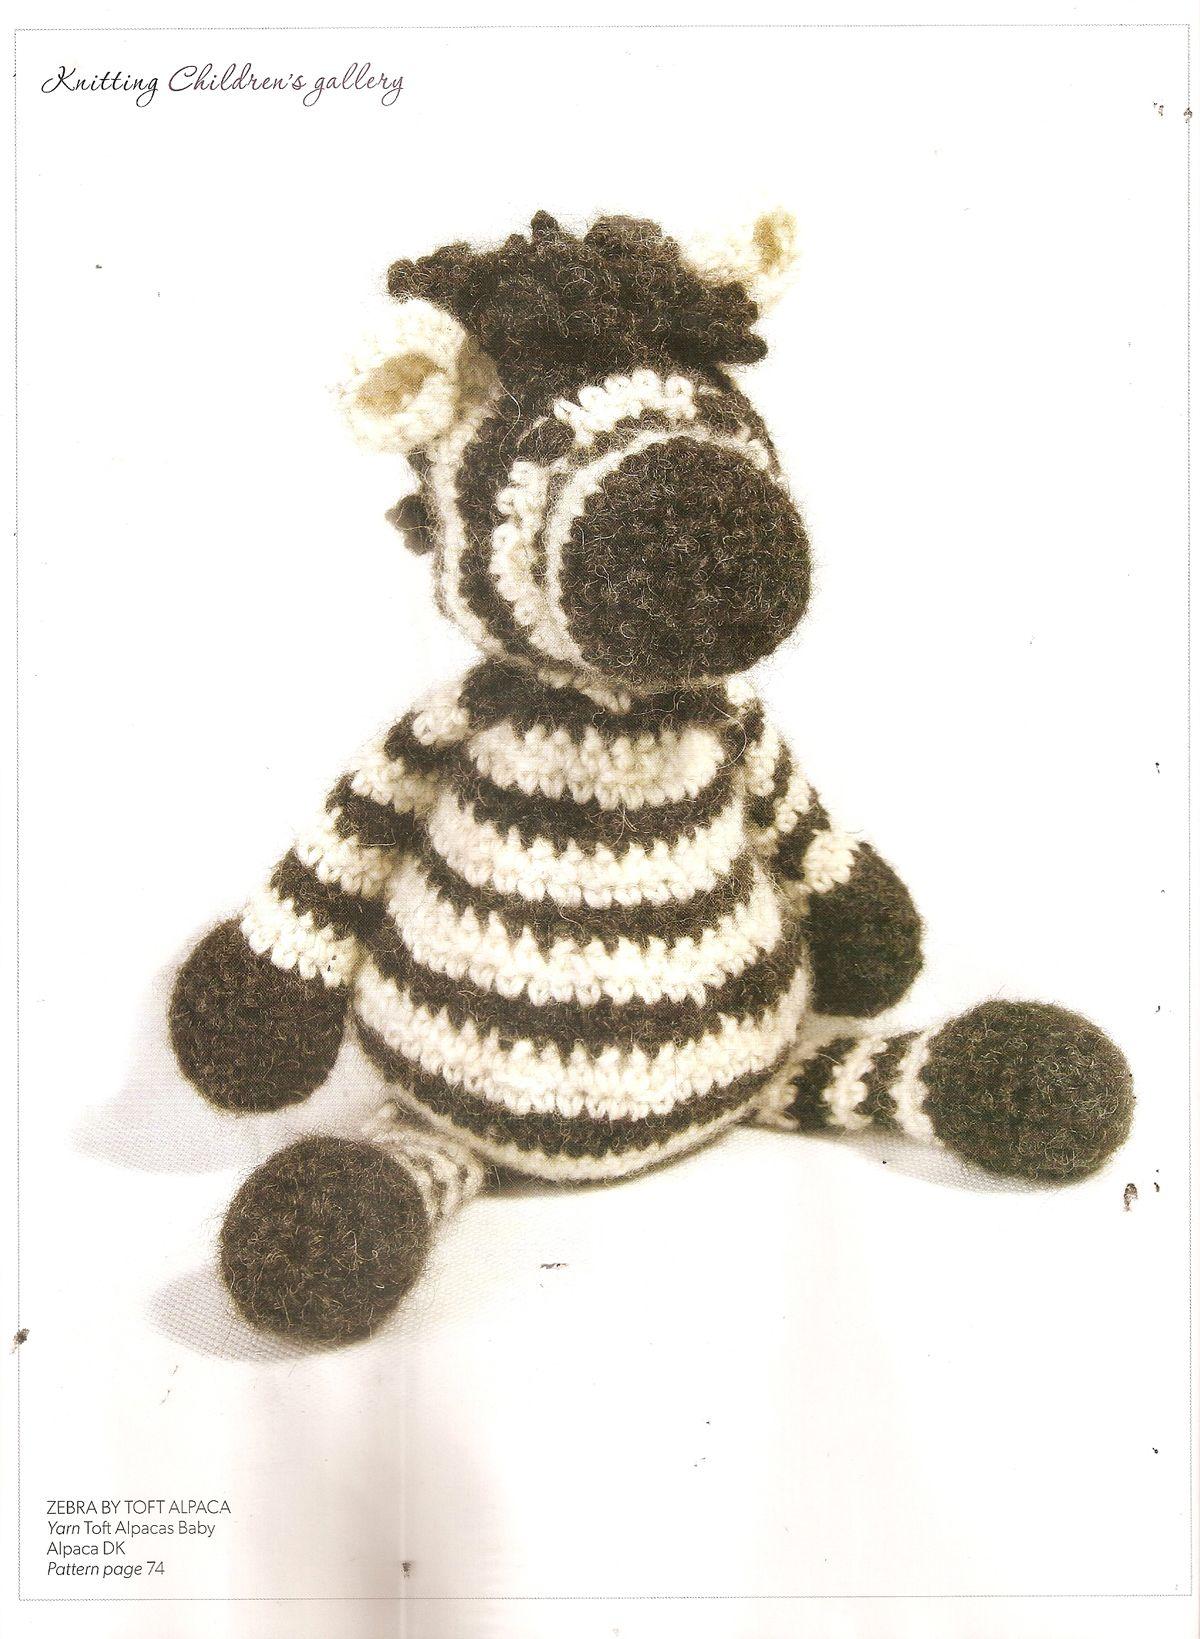 Toft Alpaca - Zebra, Yarn Toft Alpacas Baby. Knitting Magazine ...